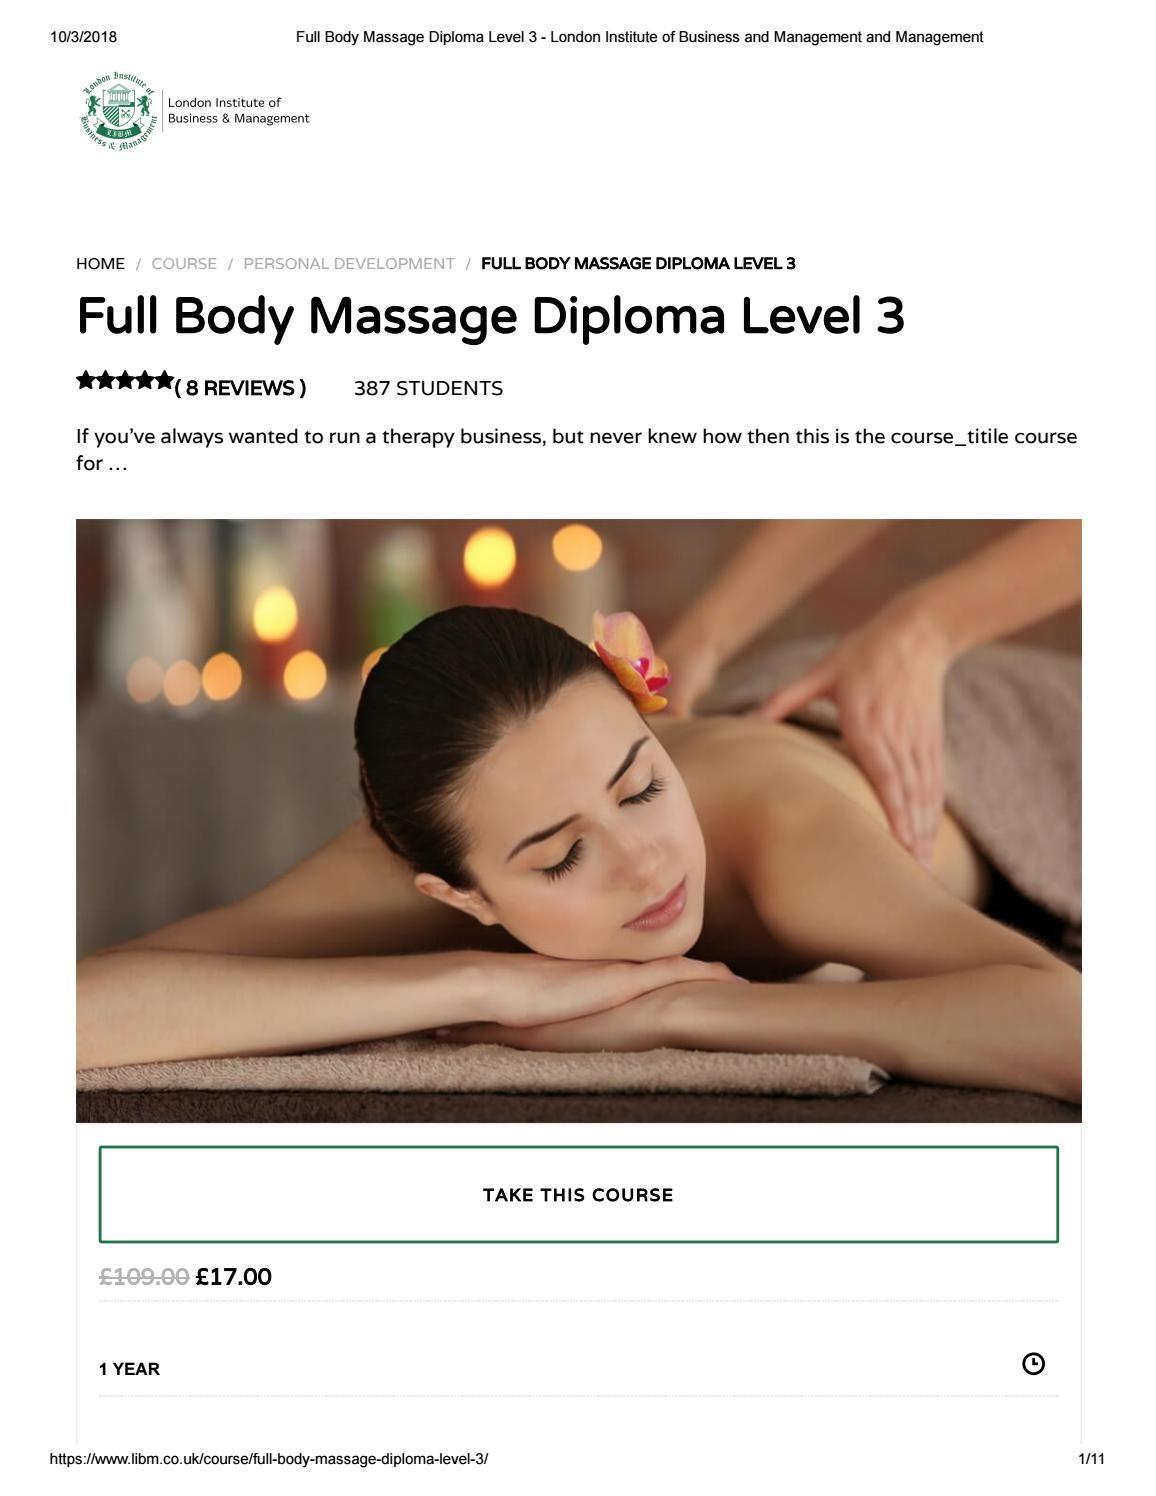 Full Body Massage Diploma Level 3 - LIBM